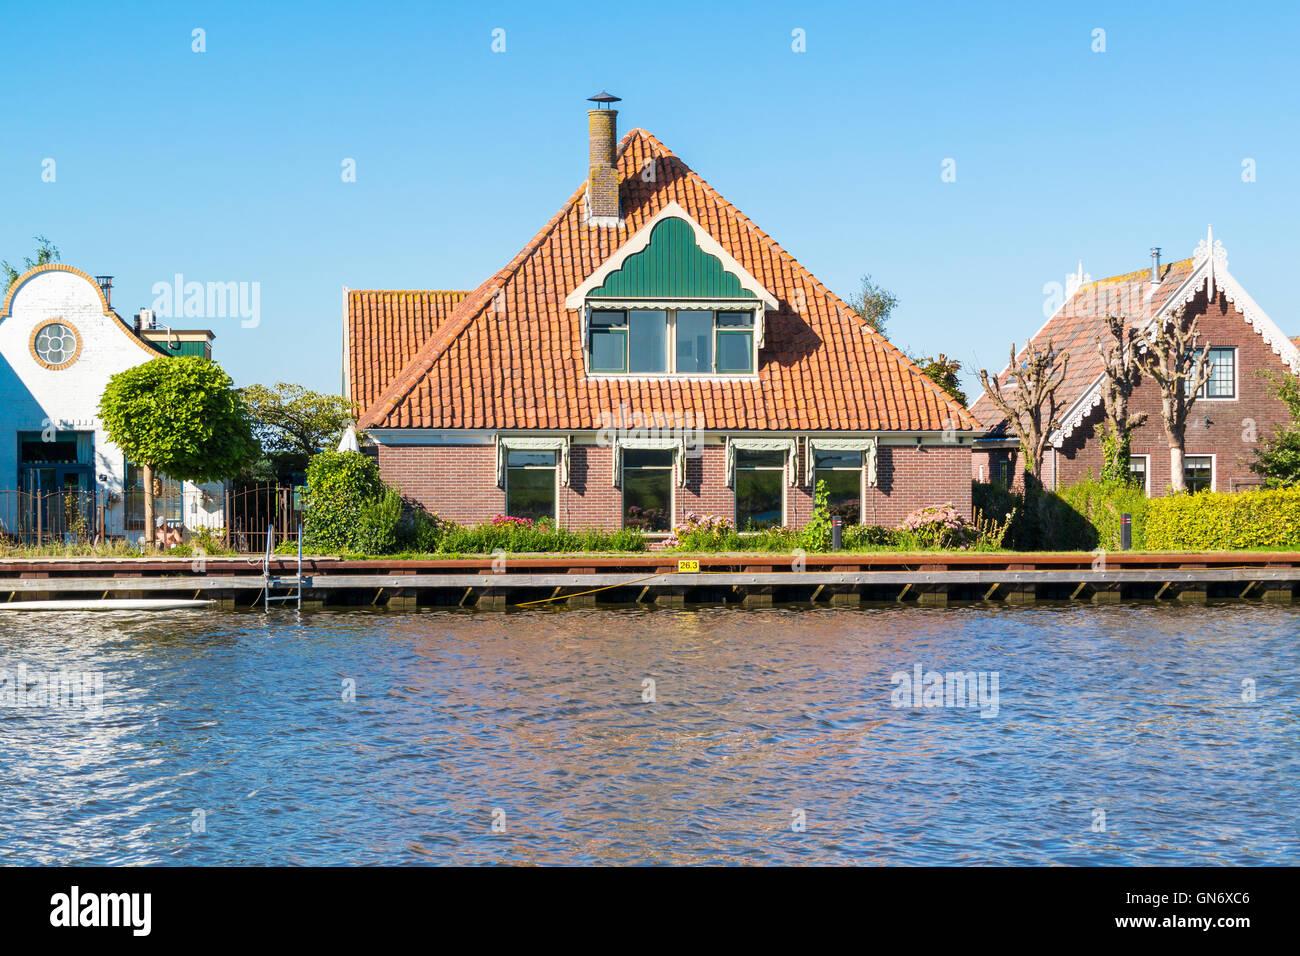 Waterfront houses alongside Noordhollandsch Kanaal in Oost-Graftdijk, Alkmaar, North-Holland, Netherlands Stock Photo